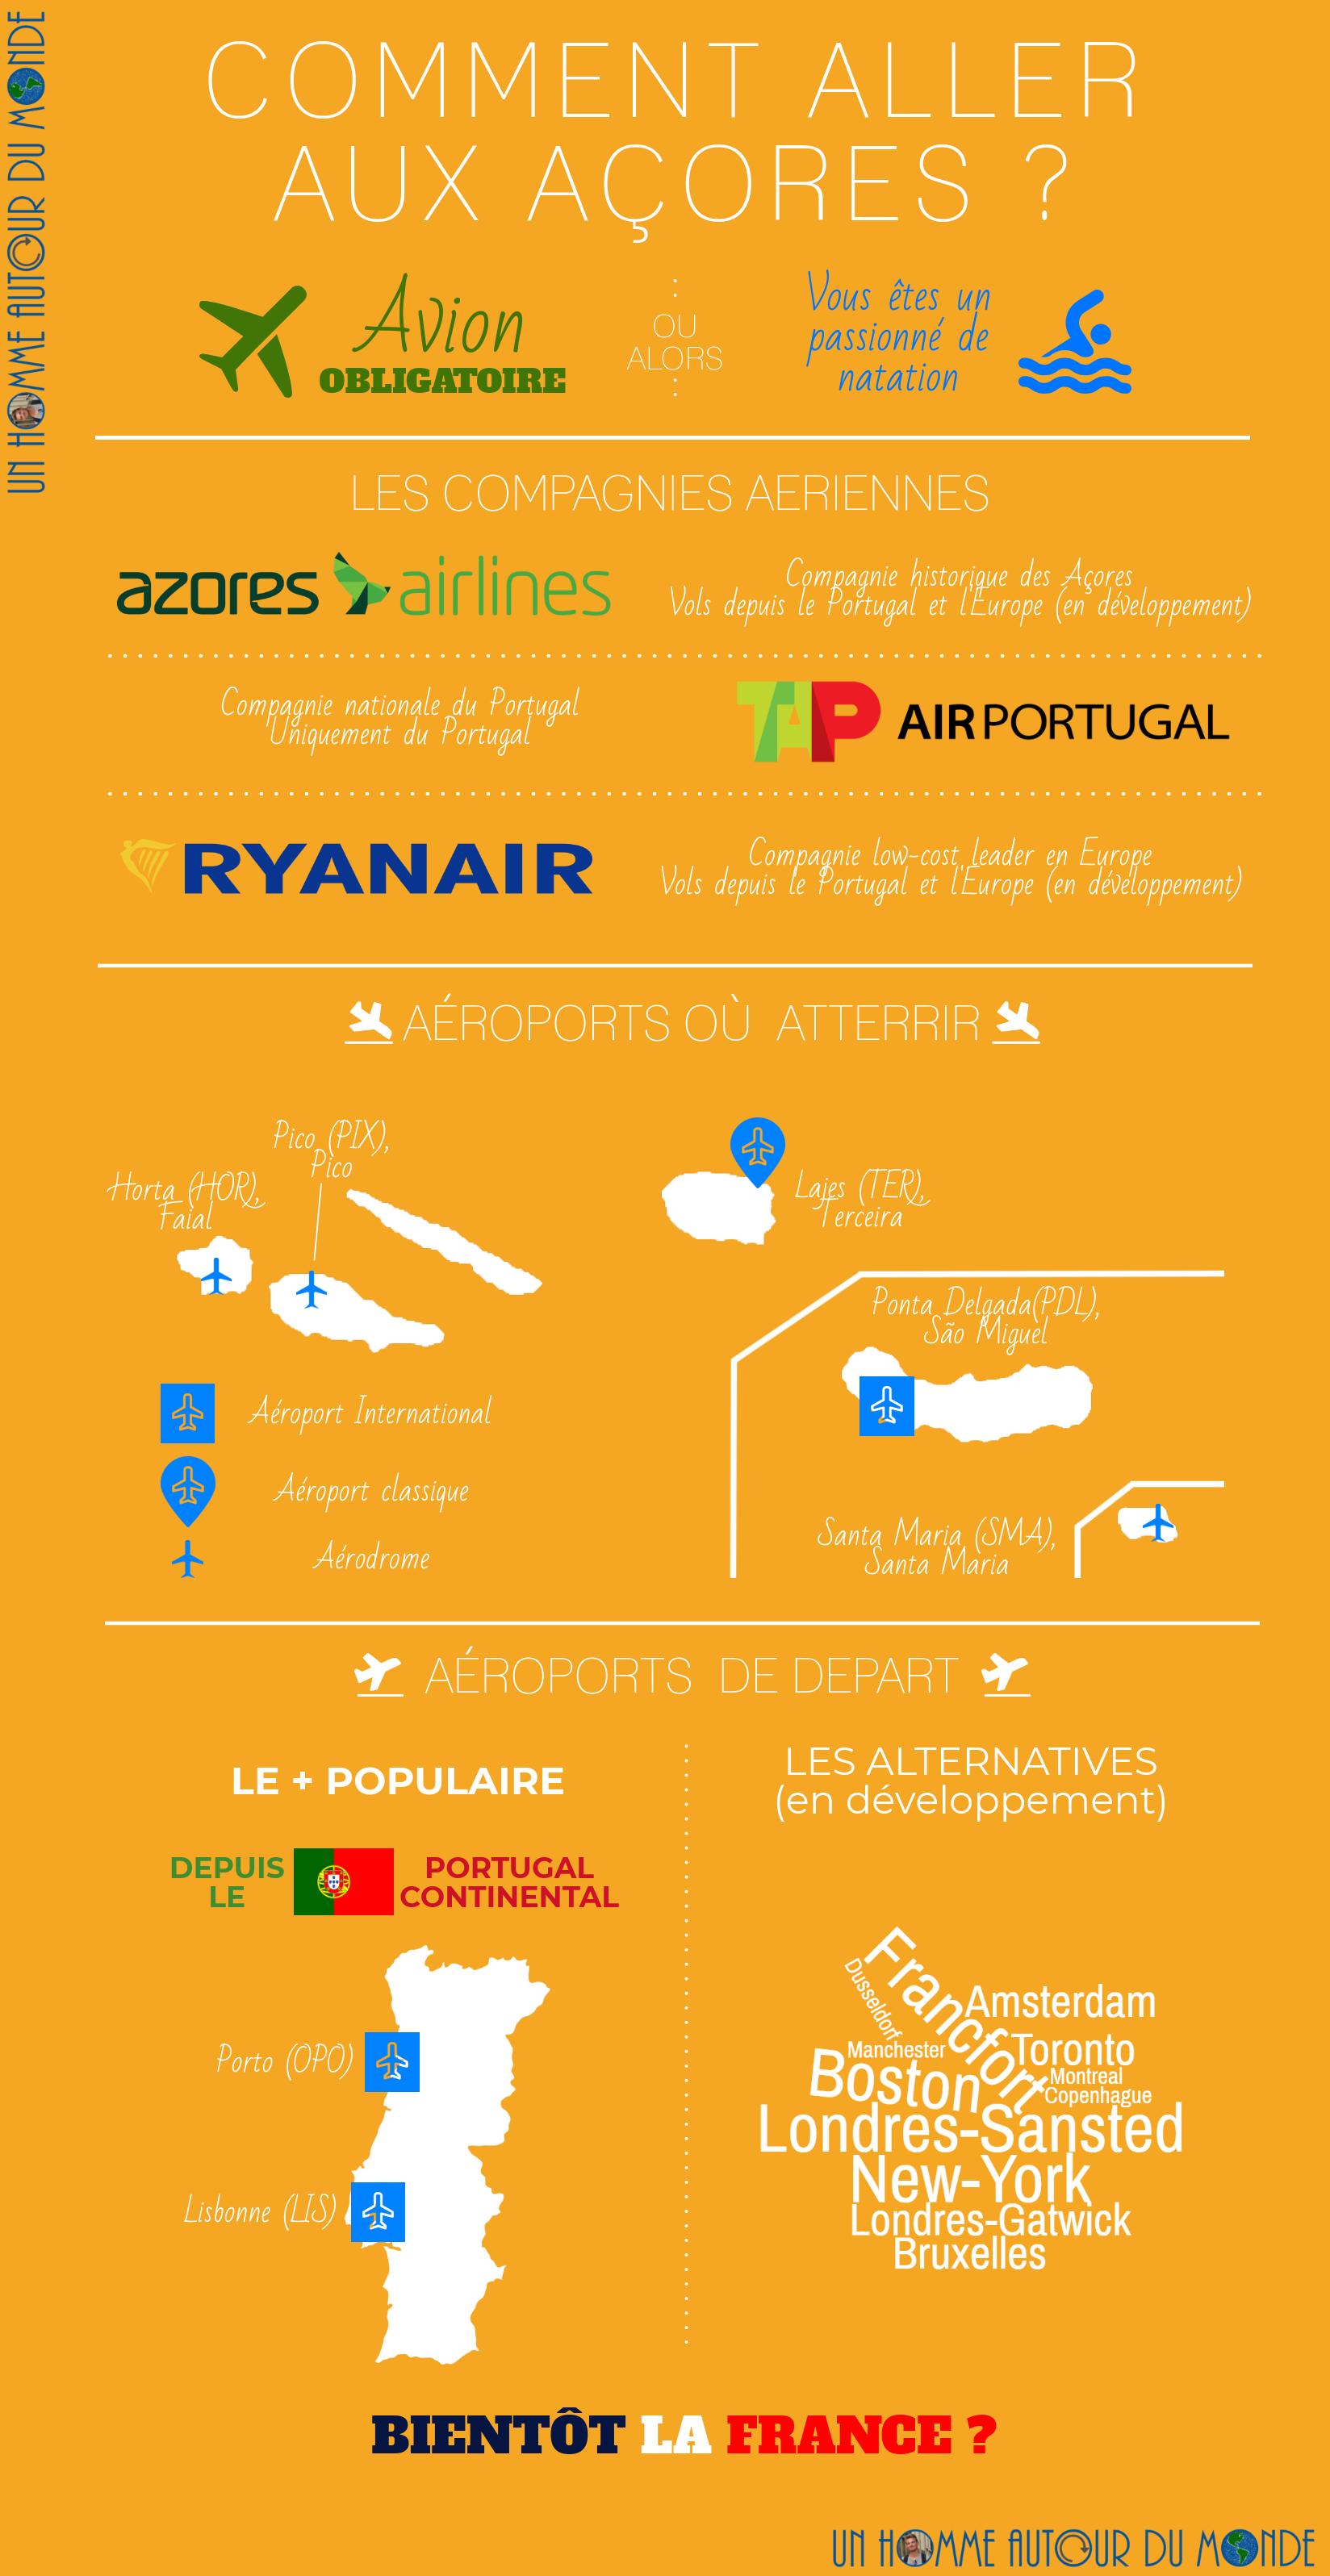 Infographie : Comment aller aux Açores ?